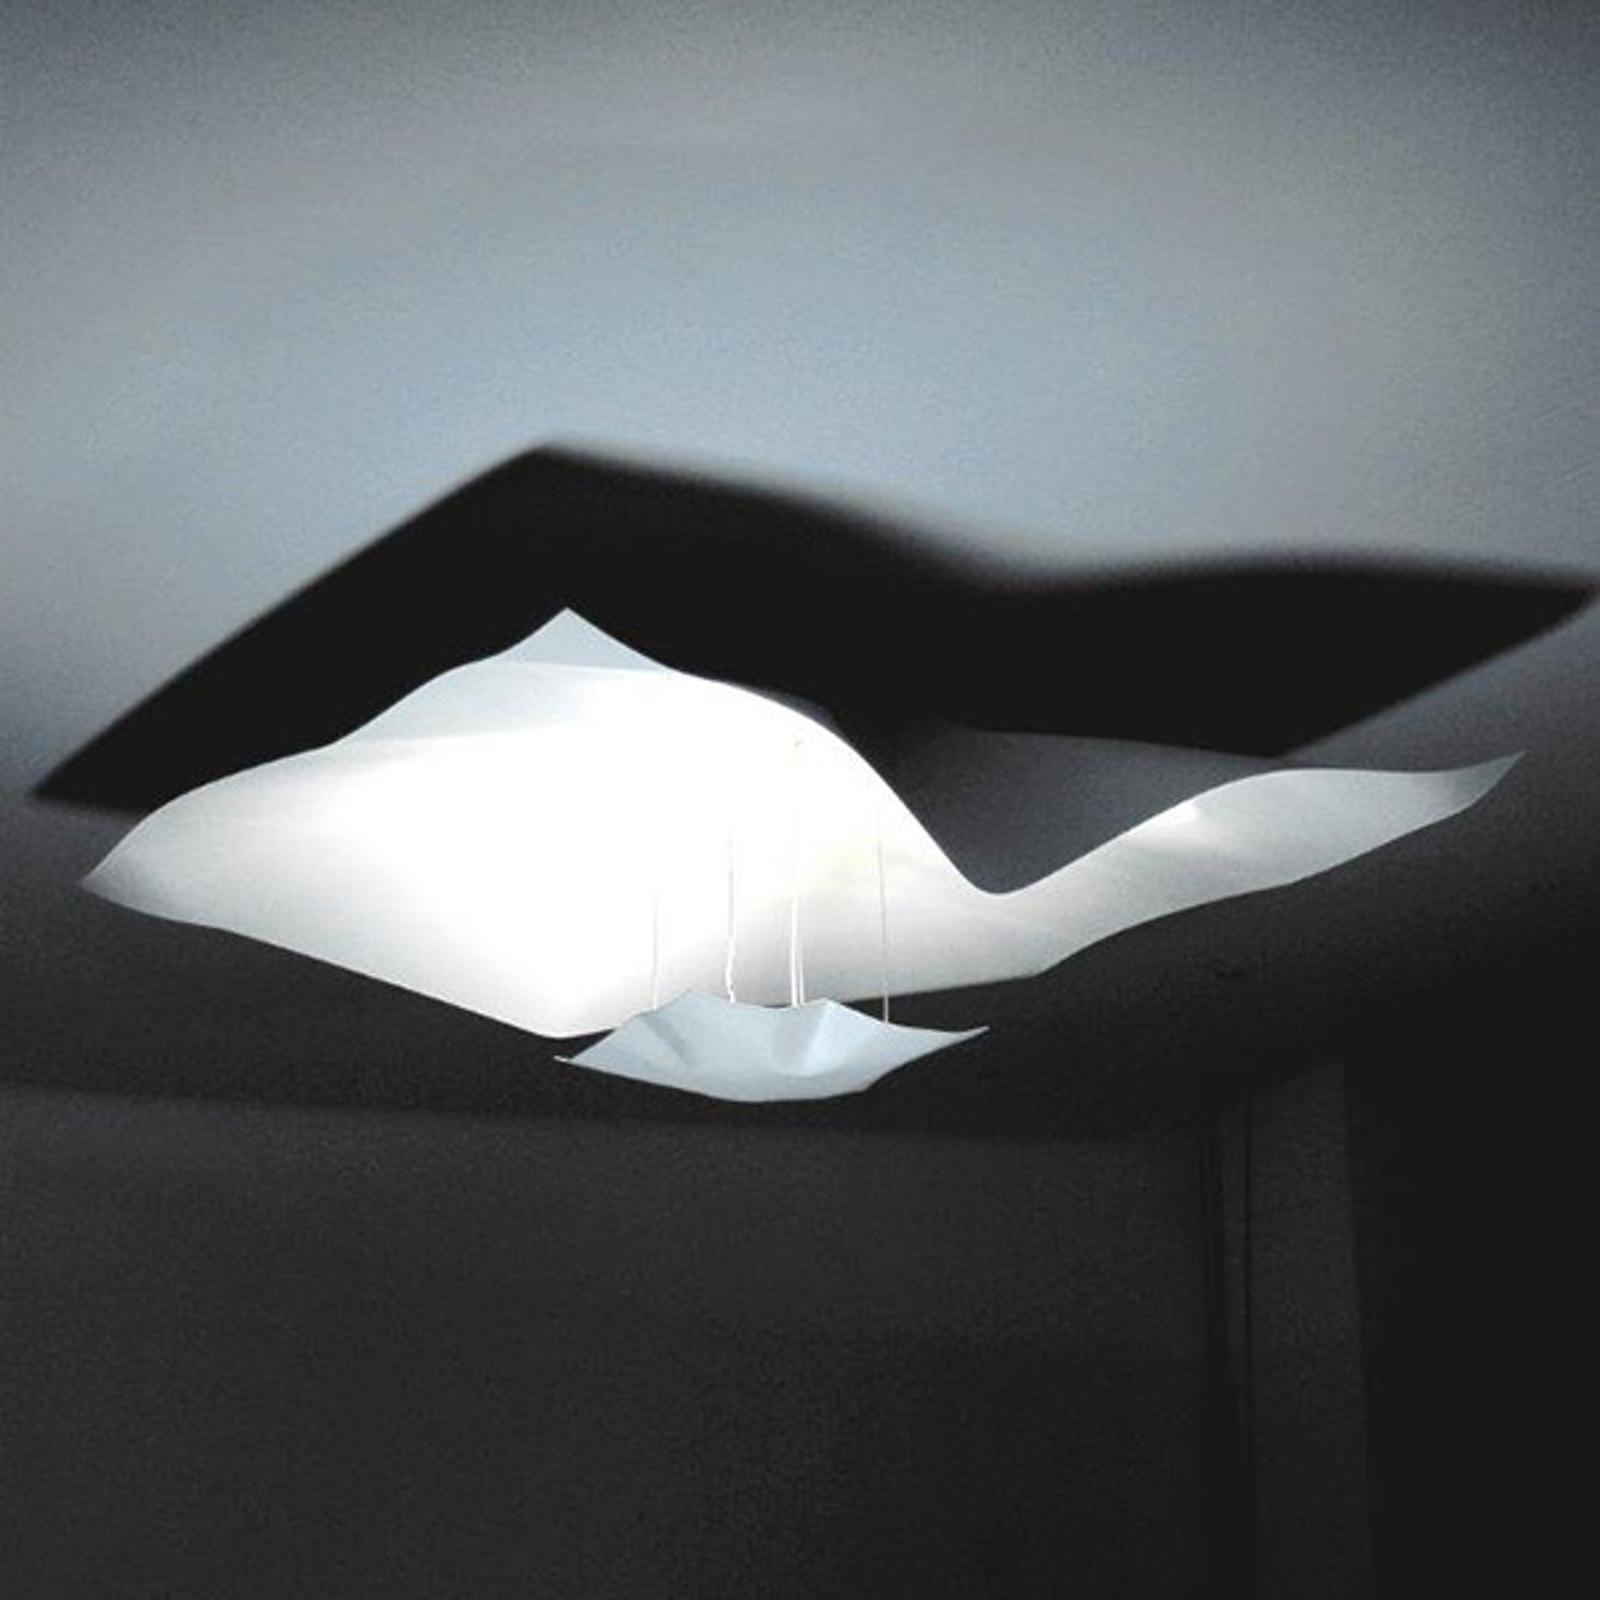 Hvit taklampe Crash, 75 cm